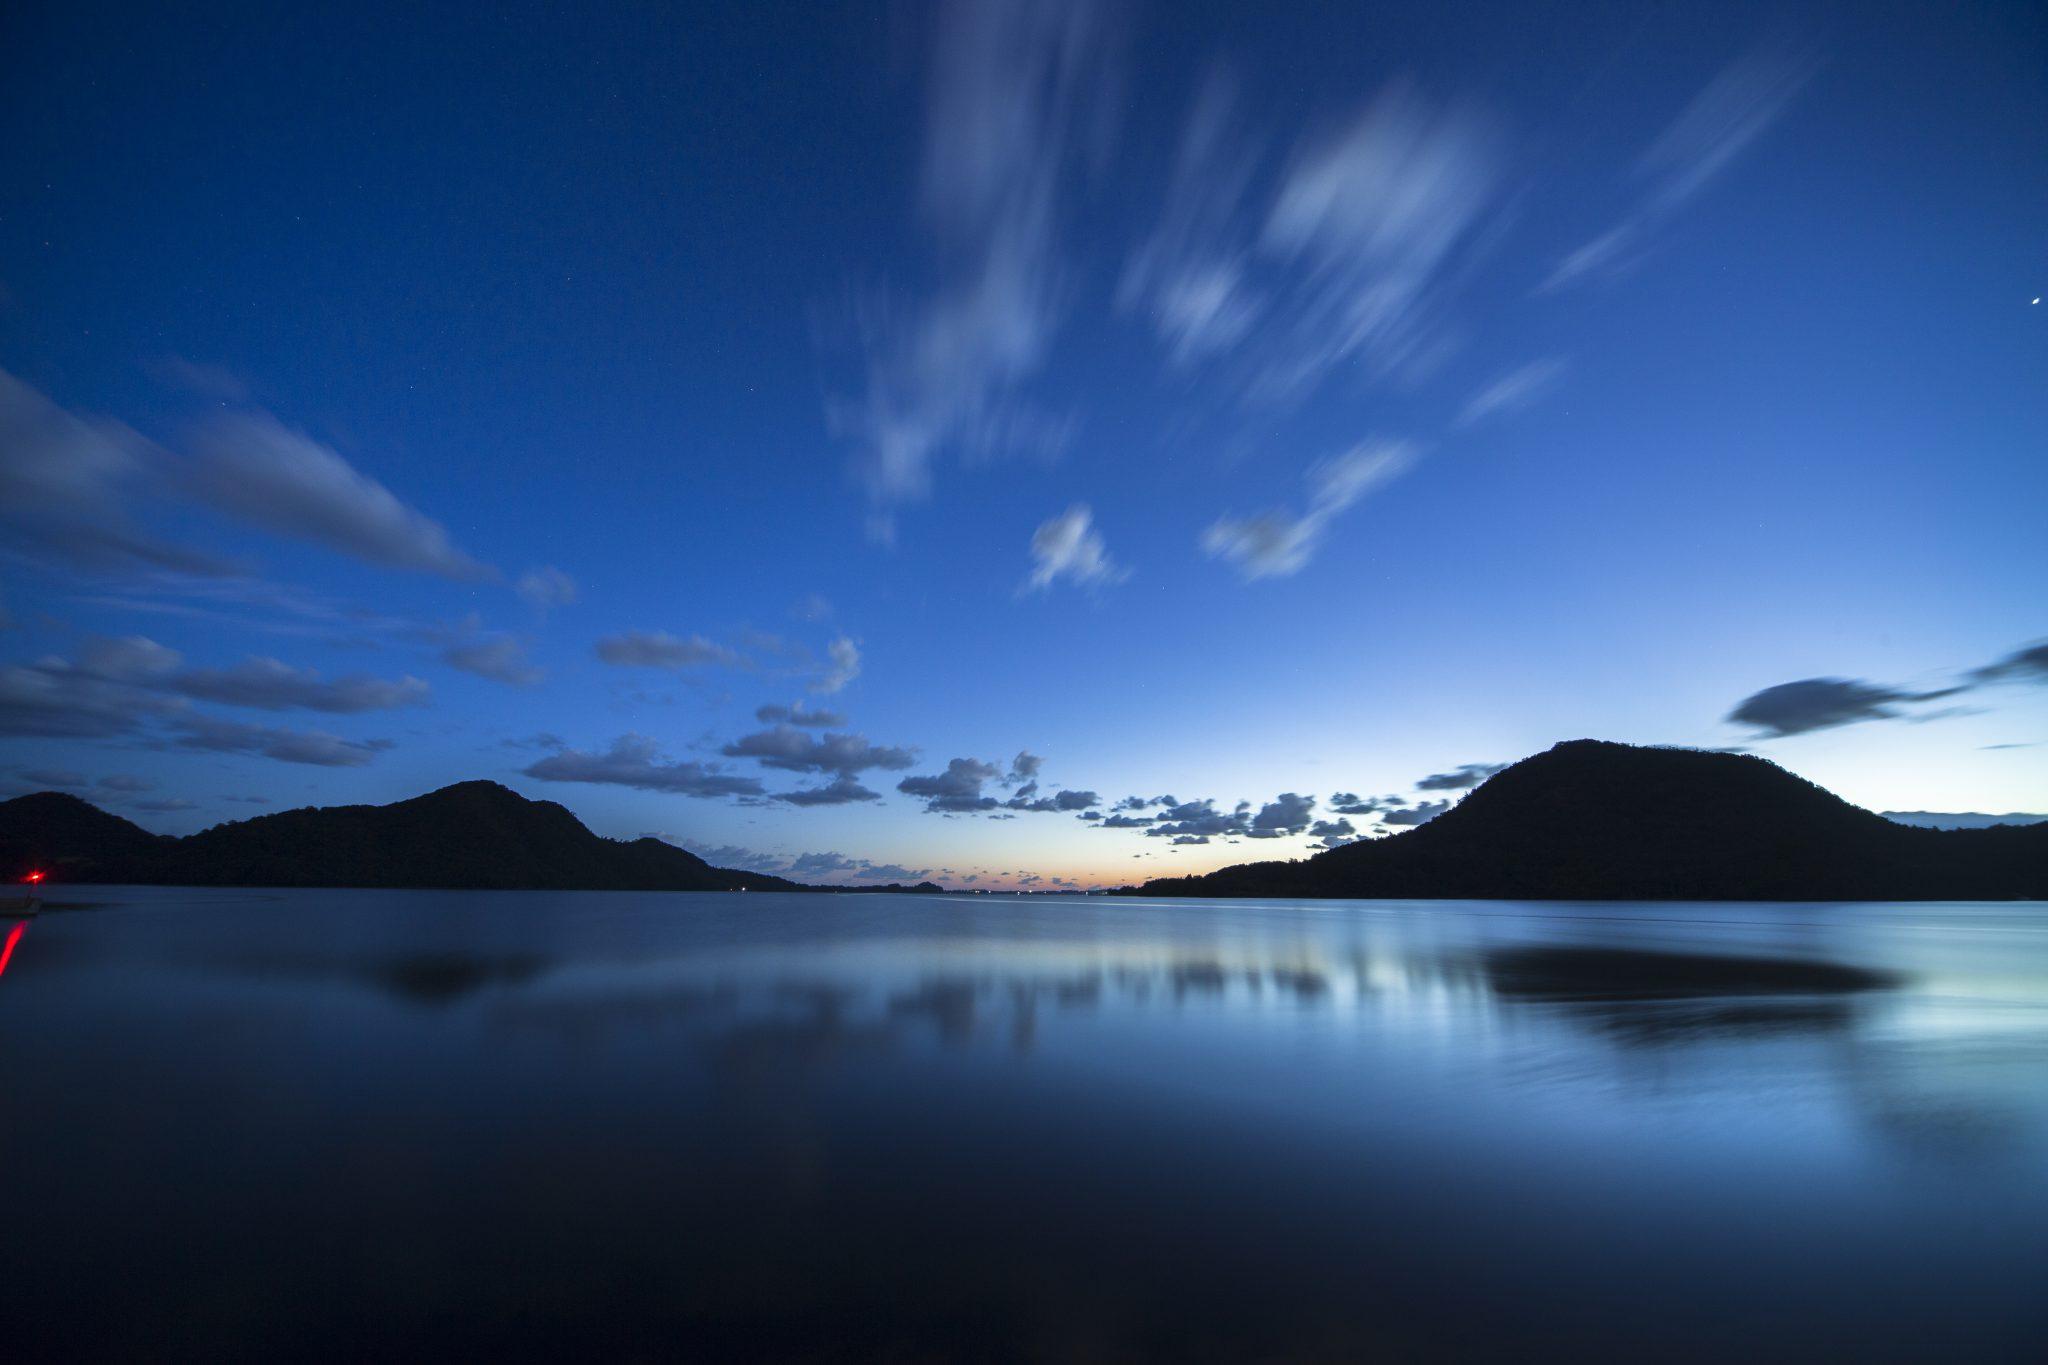 ★ 02 久美浜湾とかぶと山